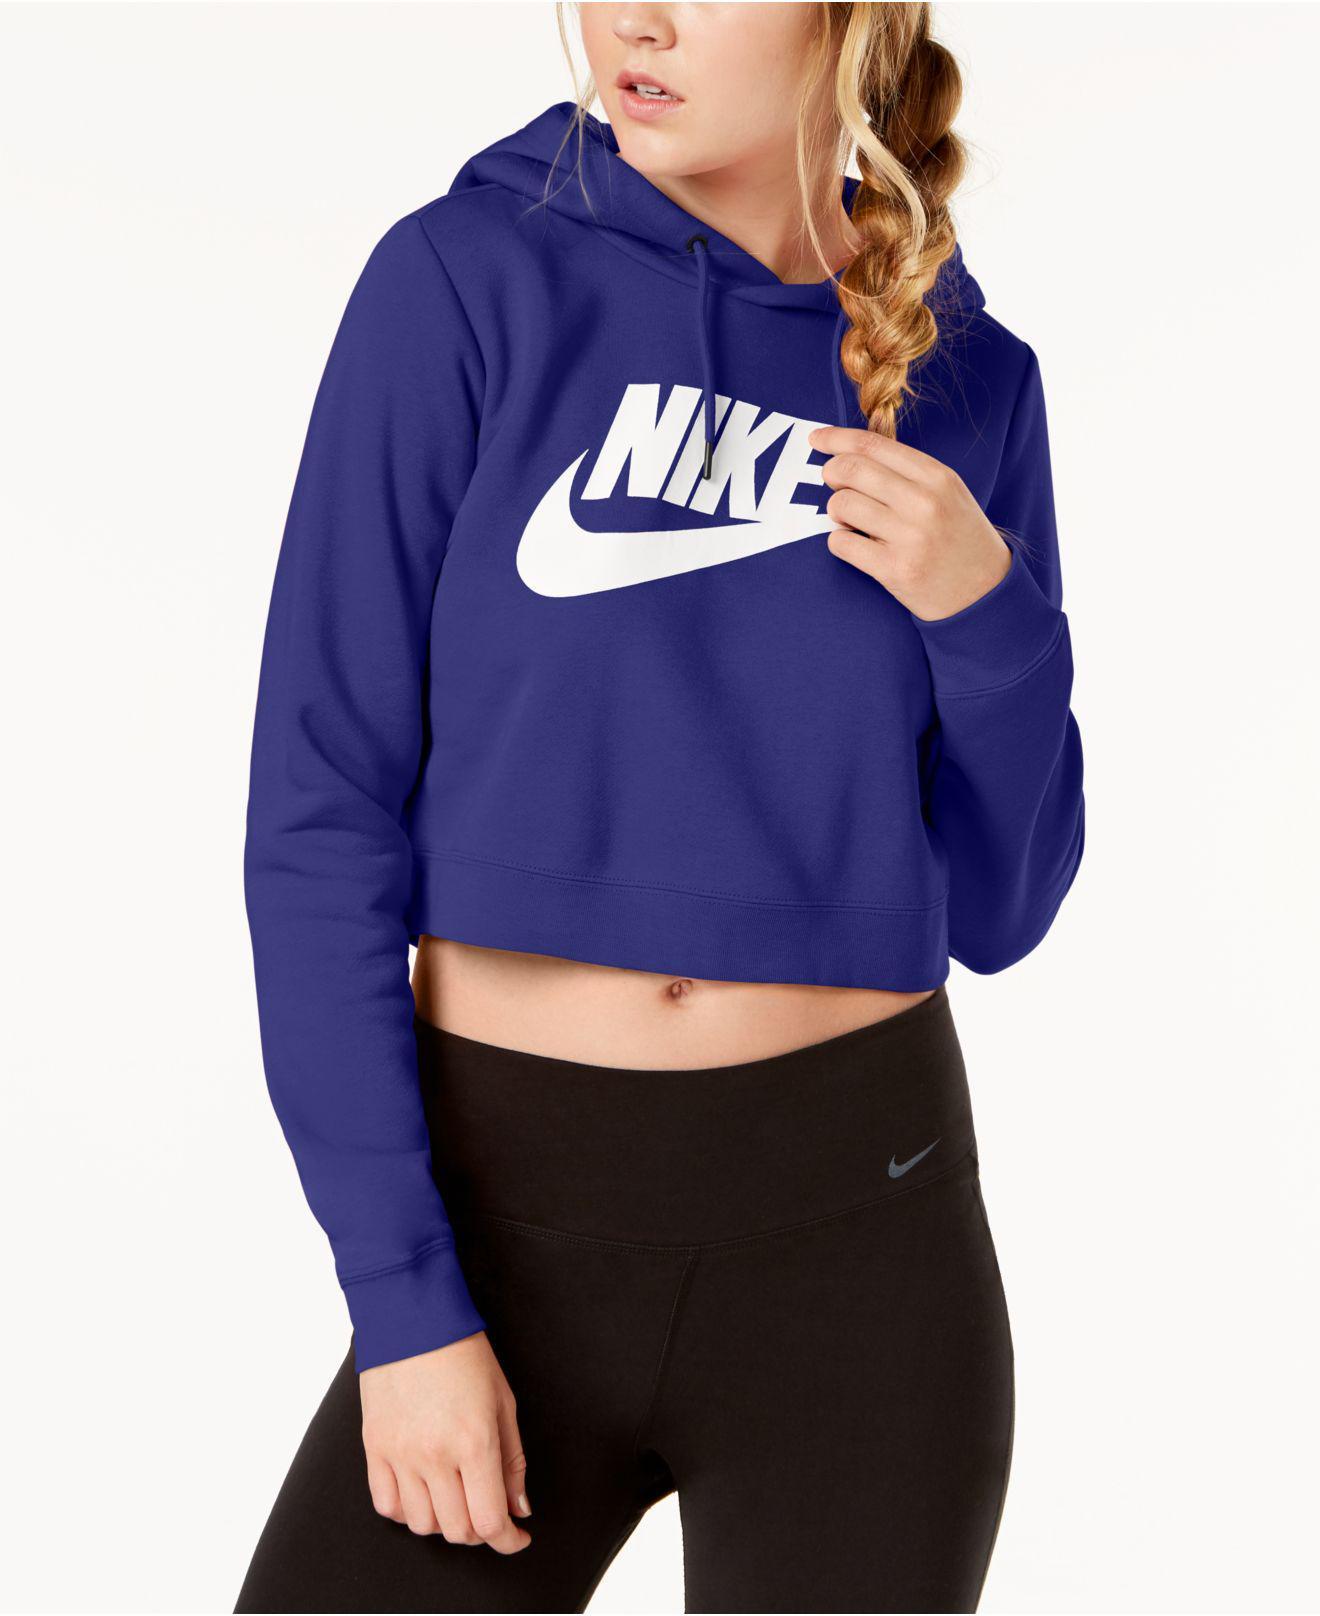 5ead791f1de65 Lyst - Nike Sportswear Rally Logo Cropped Fleece Hoodie in Blue ...